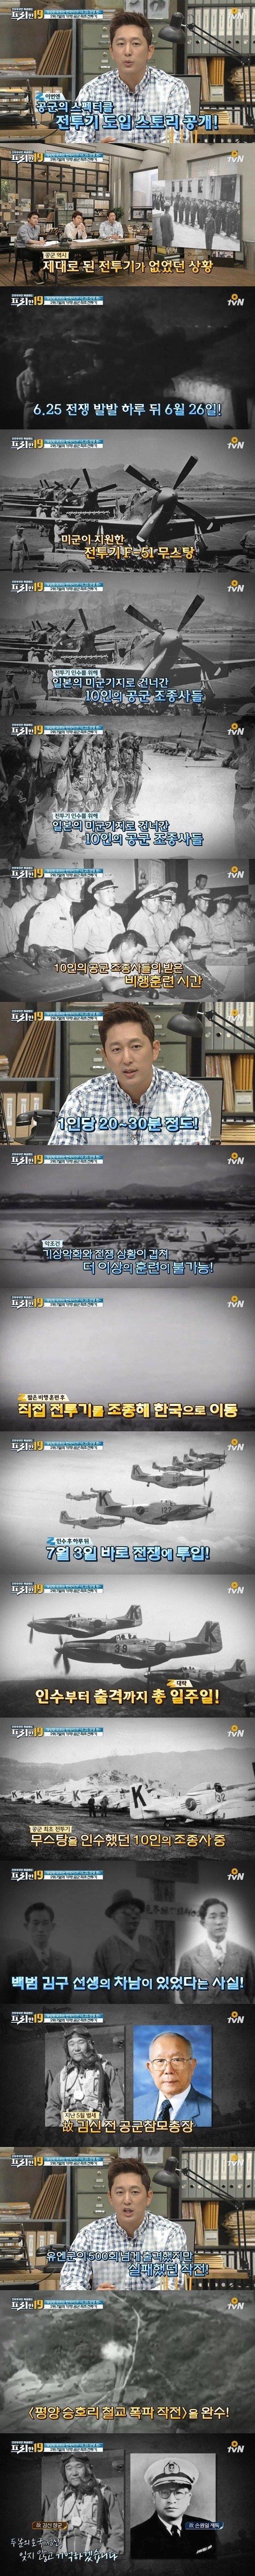 공군의 스펙터클 전투기 도입!!!